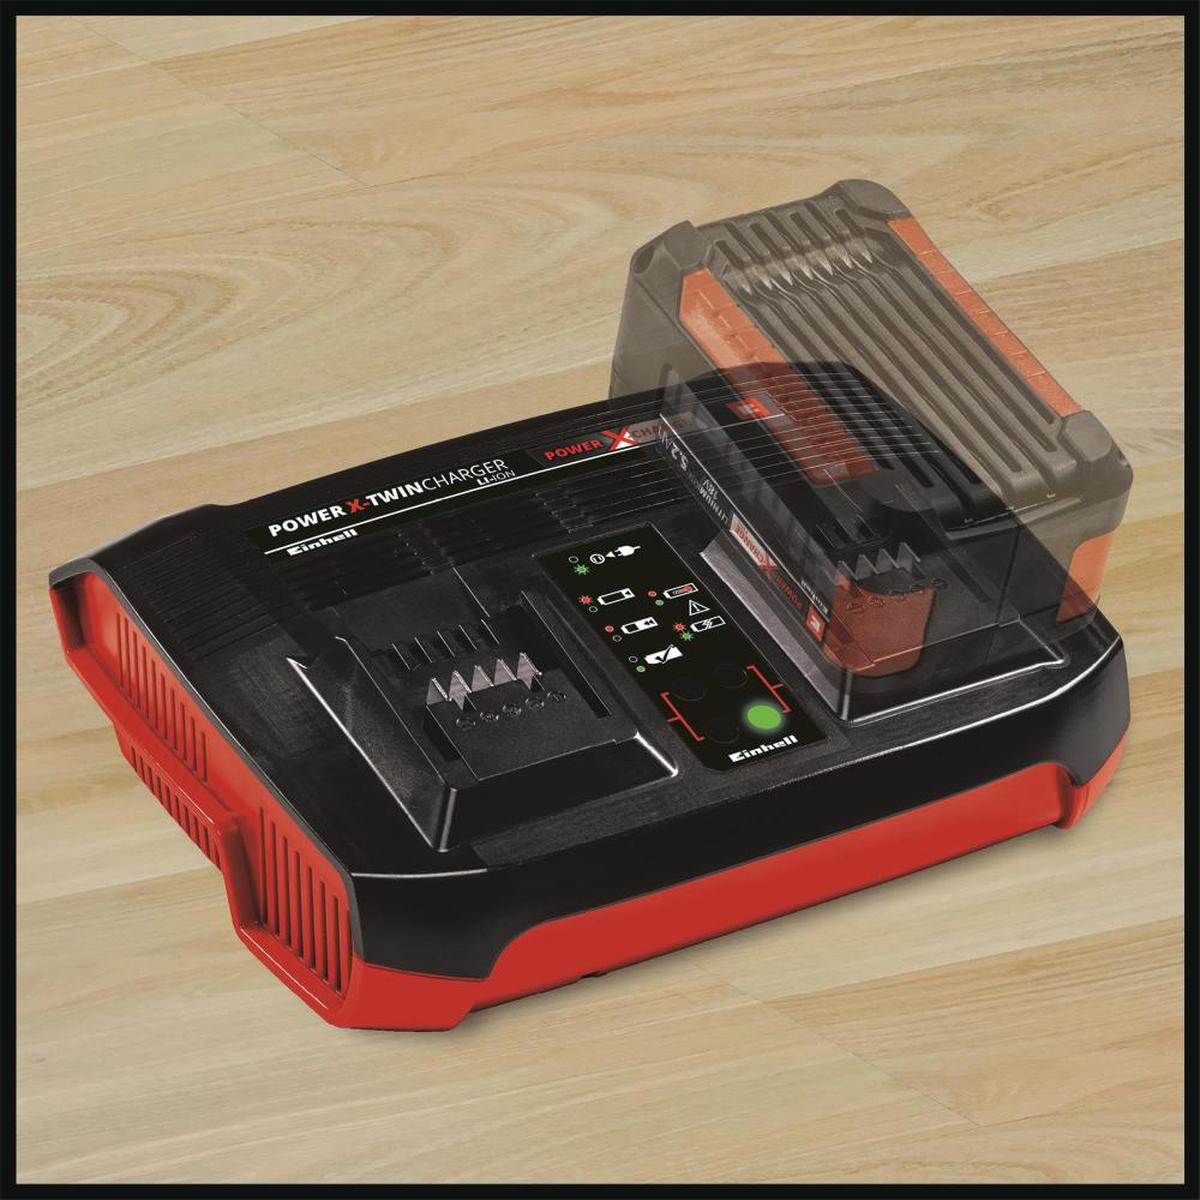 EinhellPower-X-Twincharger 3 A, dobbel Lader 4512069